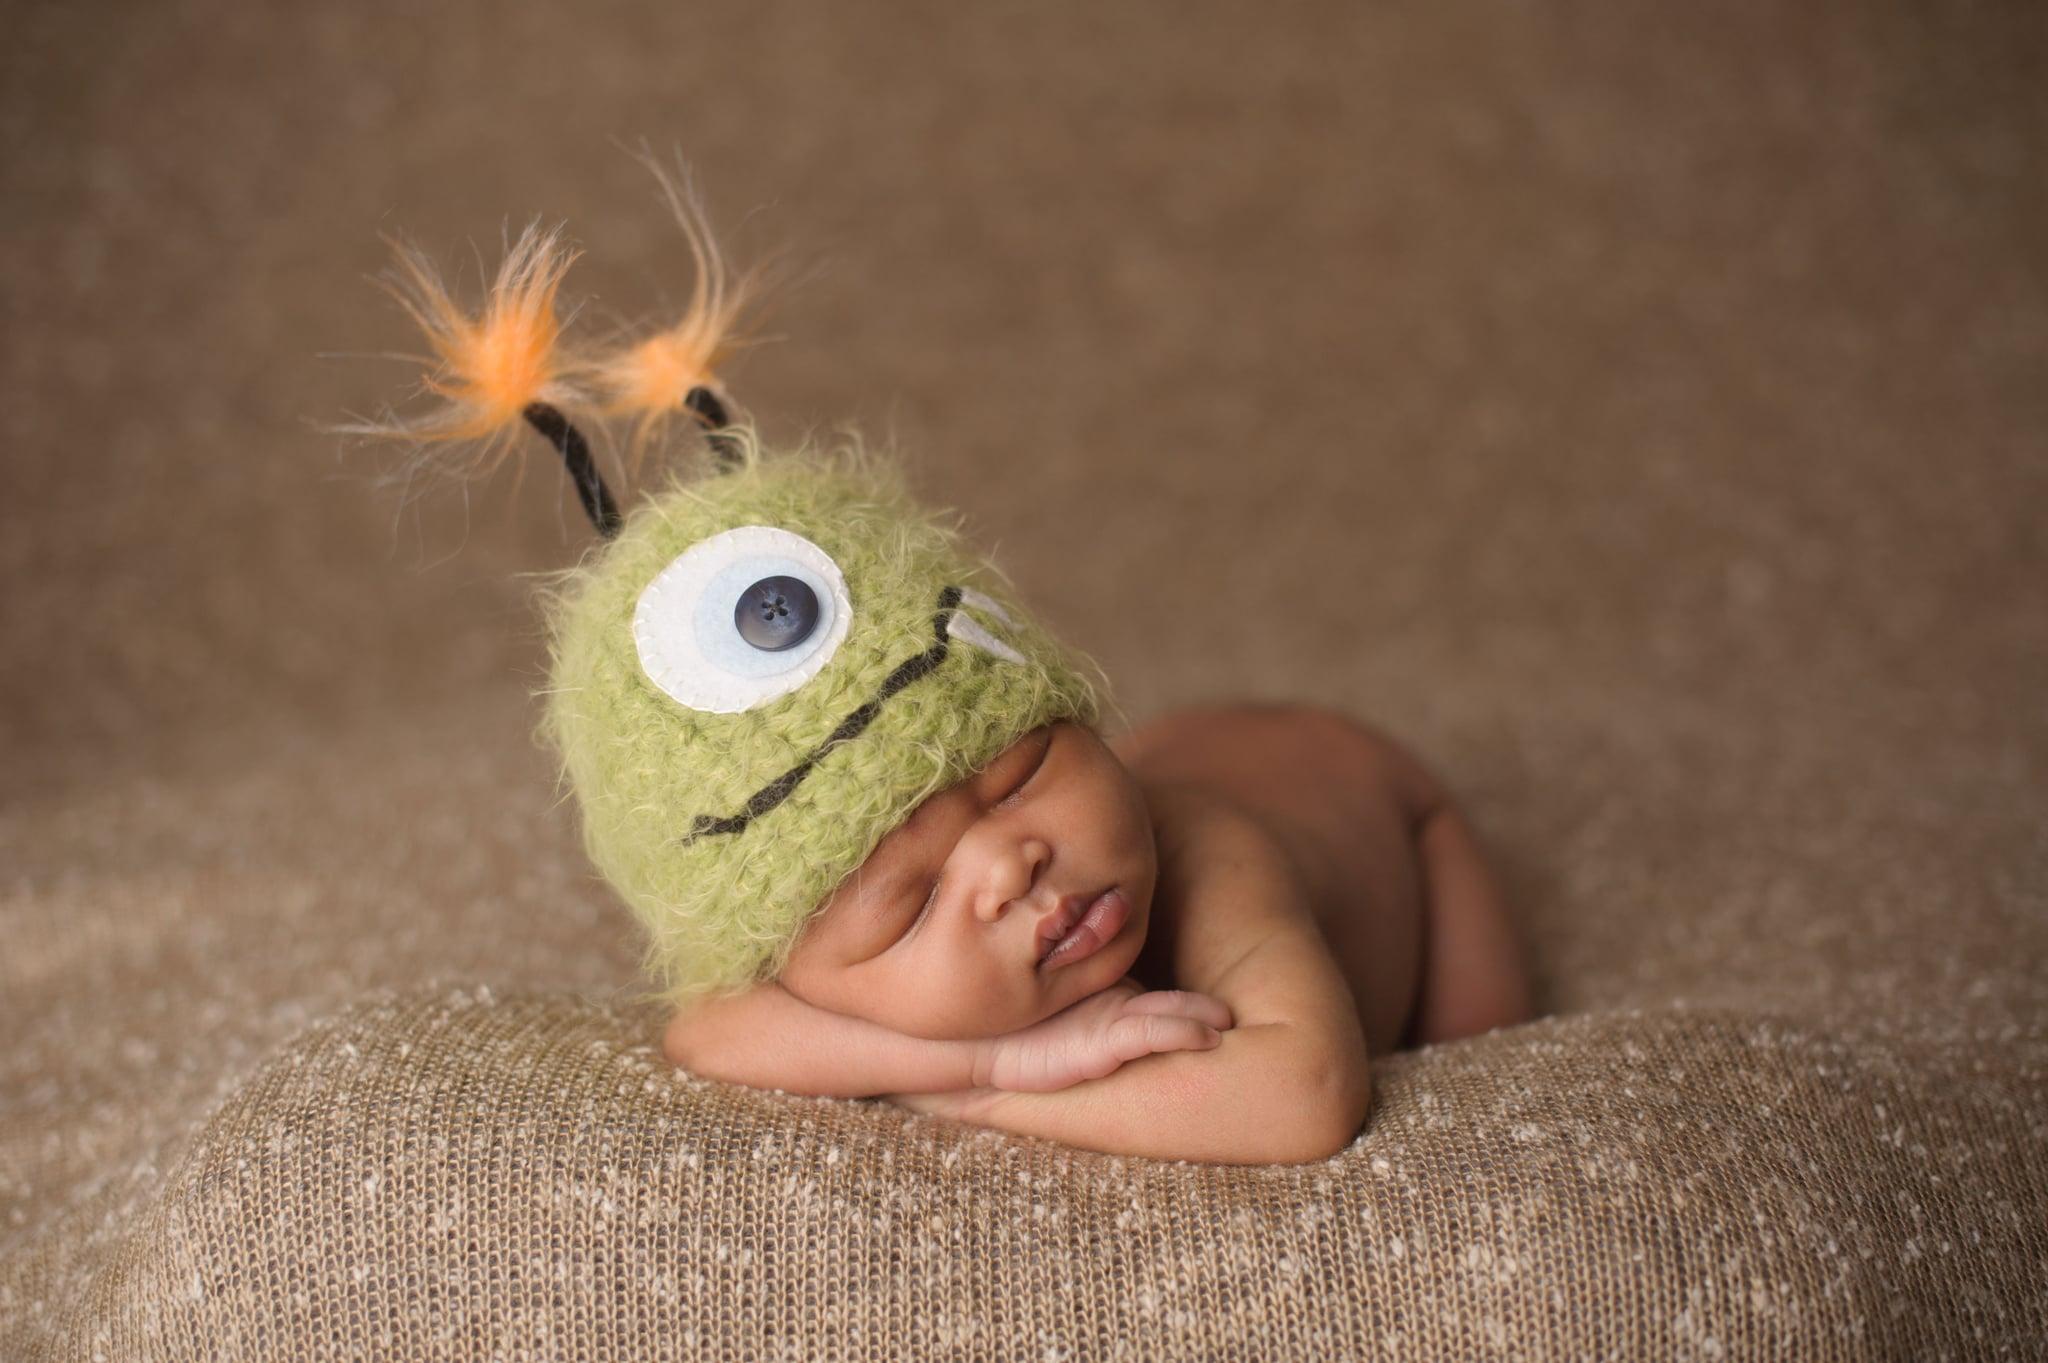 A newborn sleeping in a Halloween-themed monster hat.